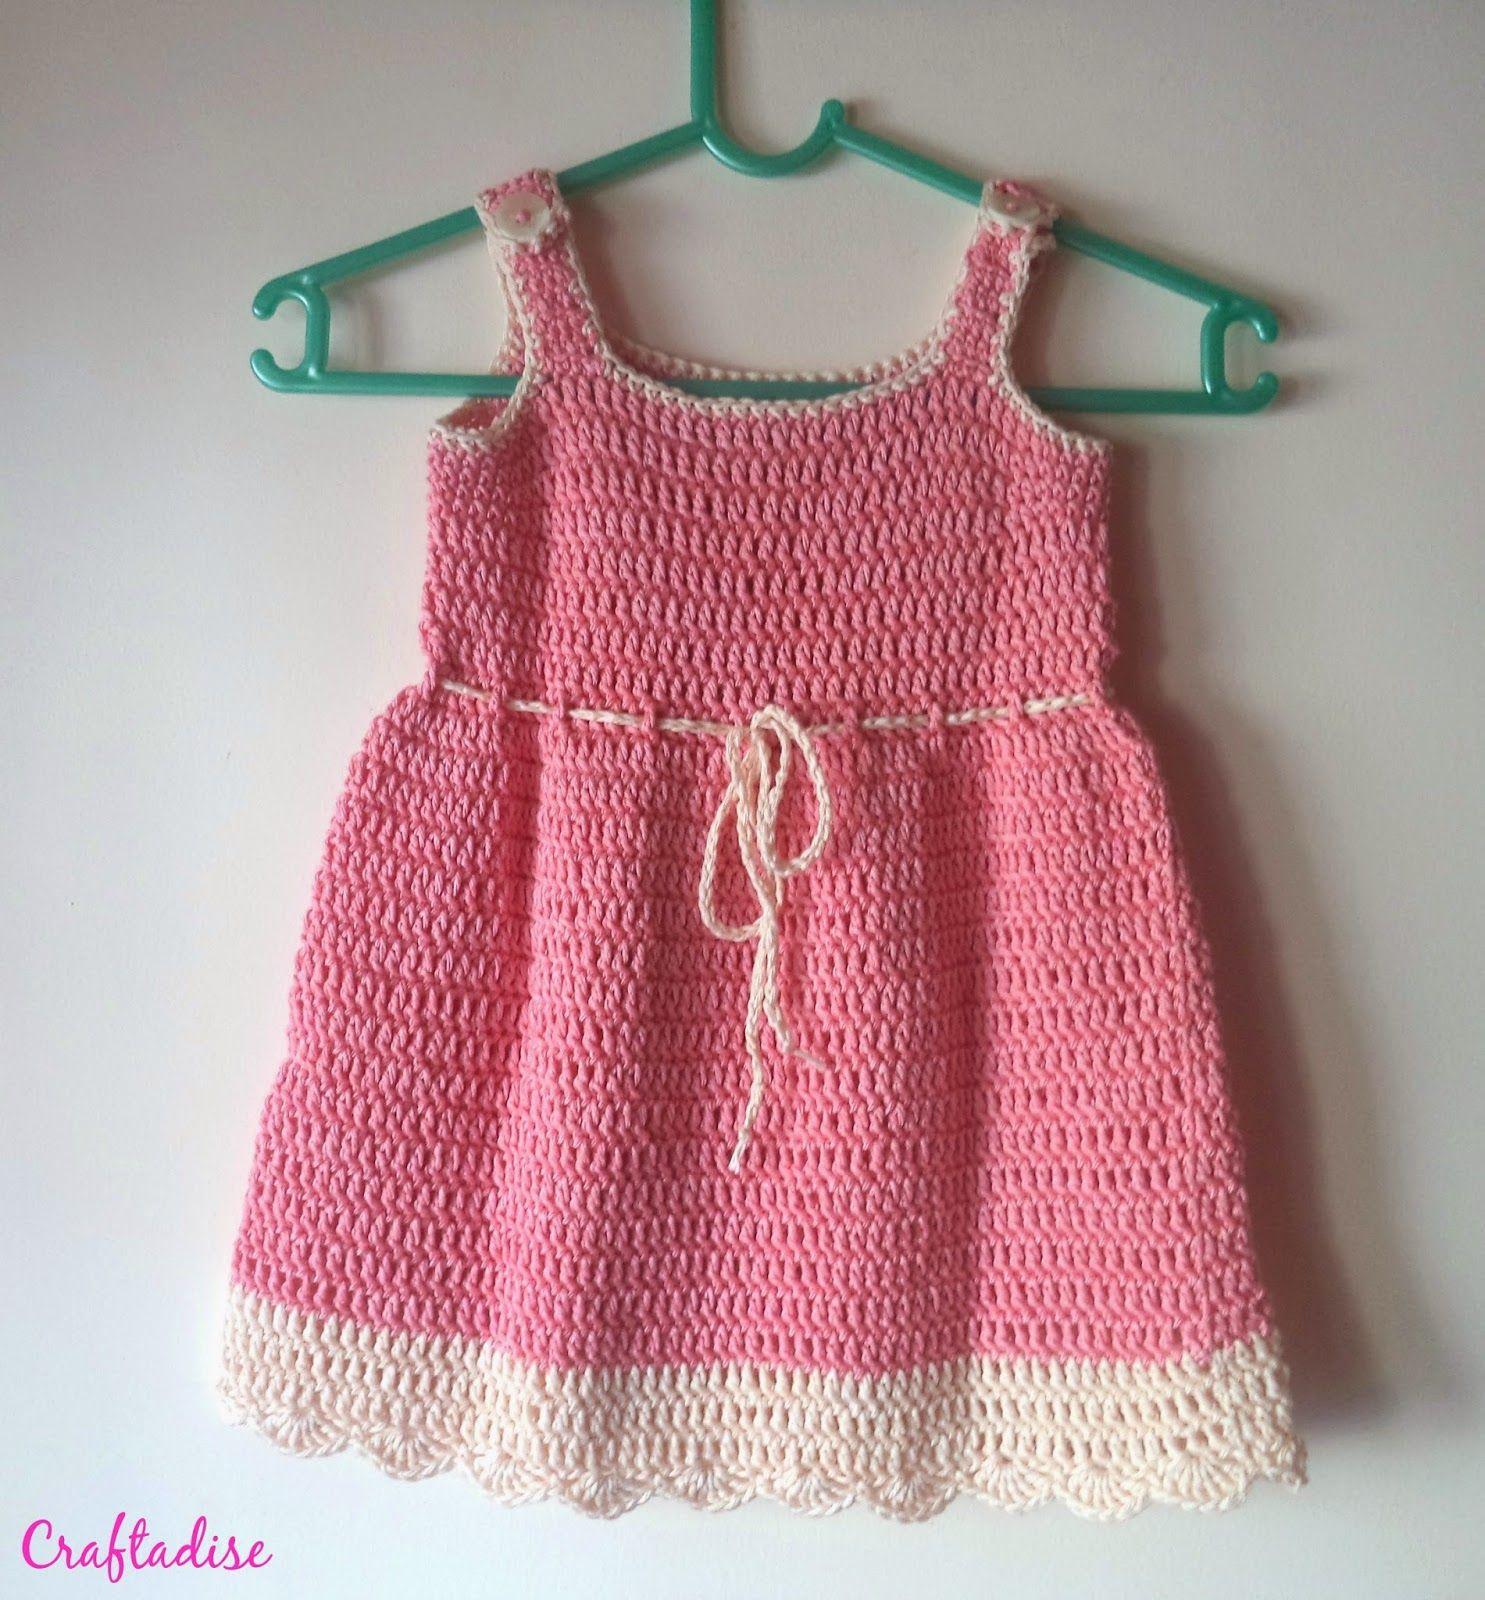 Free Crochet Pattern: Crochet Summer Peach Toddler Dress   Baby ...